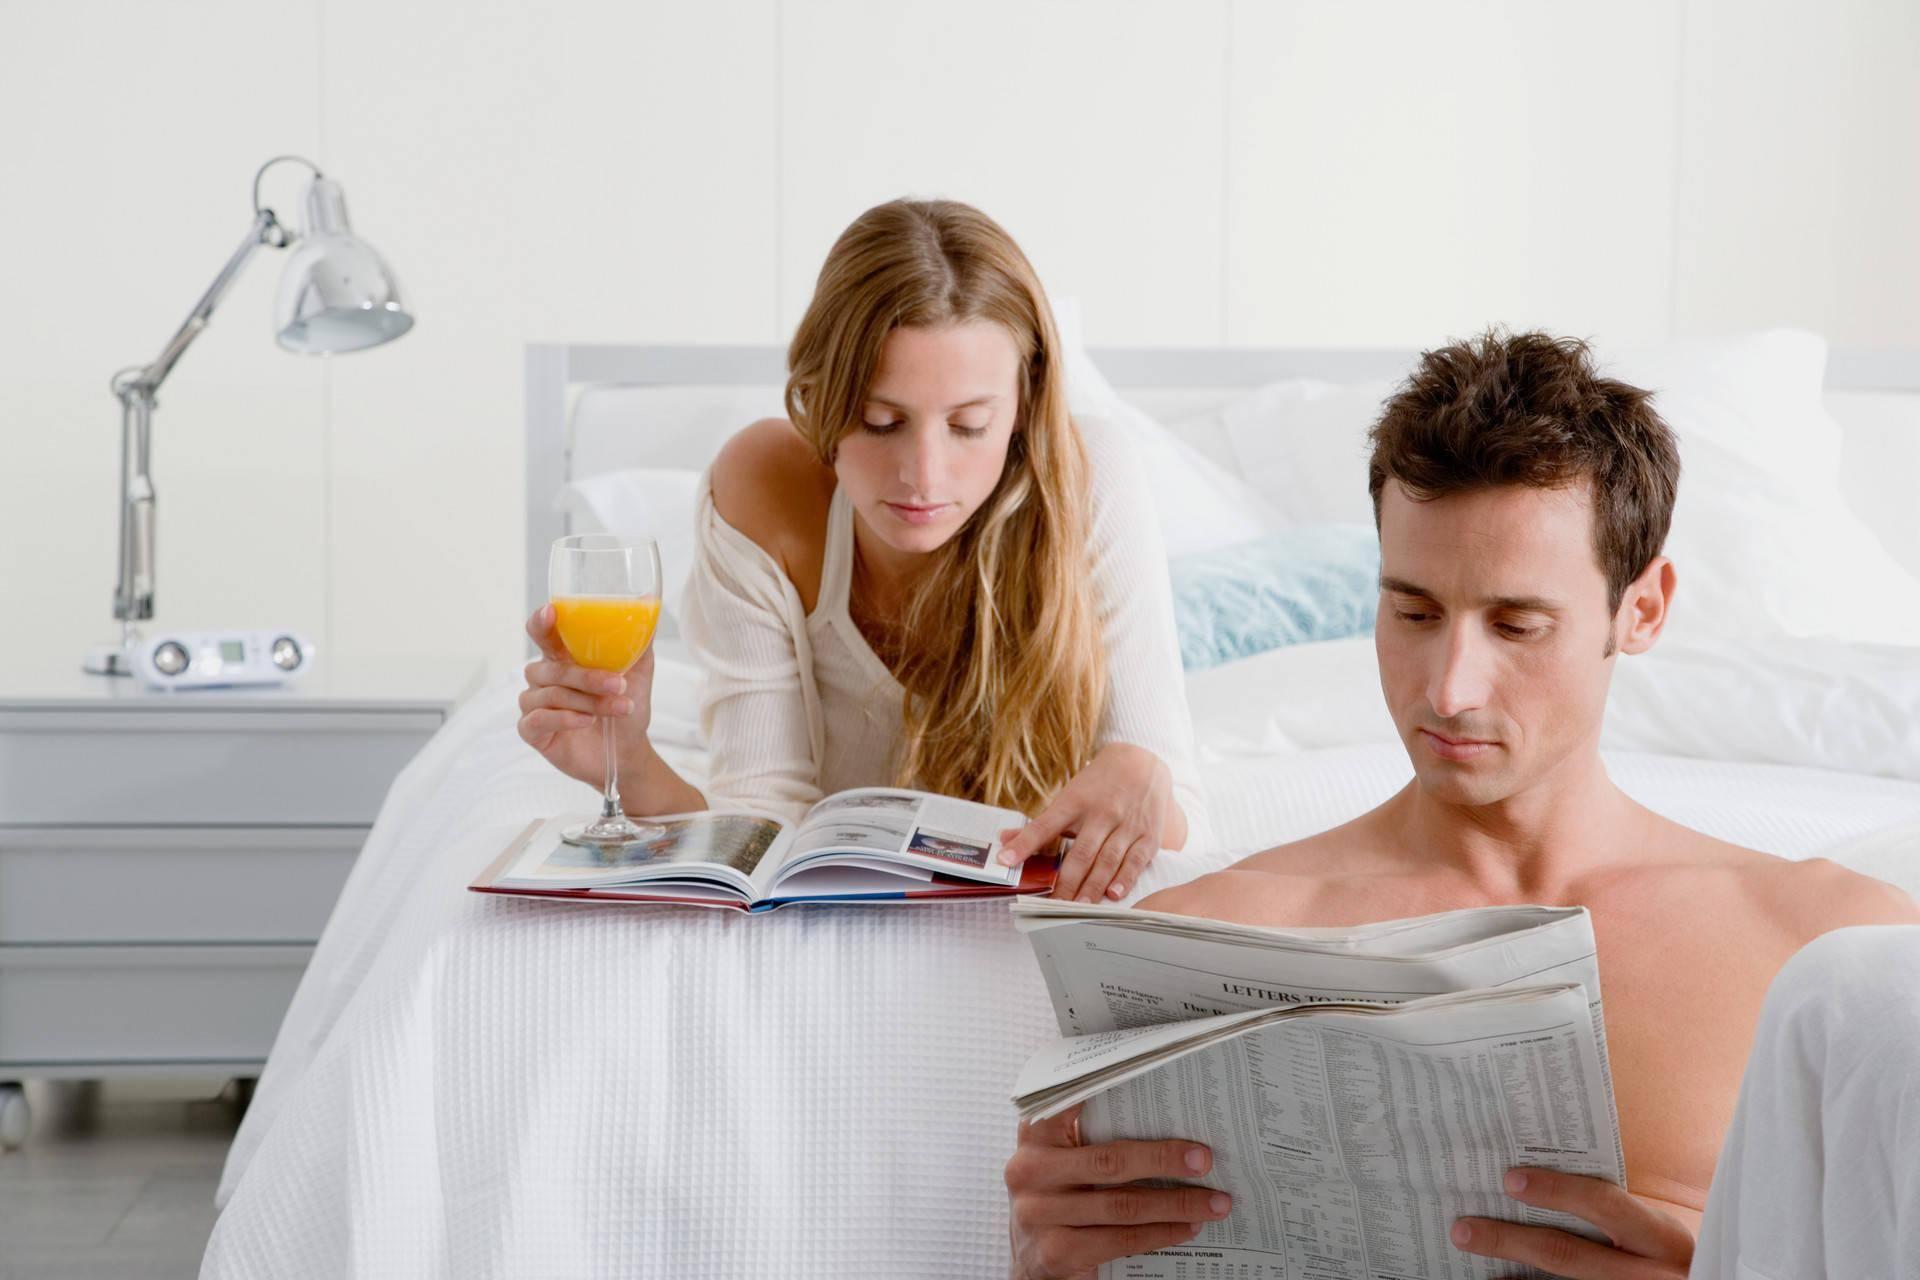 男人说接受出轨 想老婆接受两男人咋说